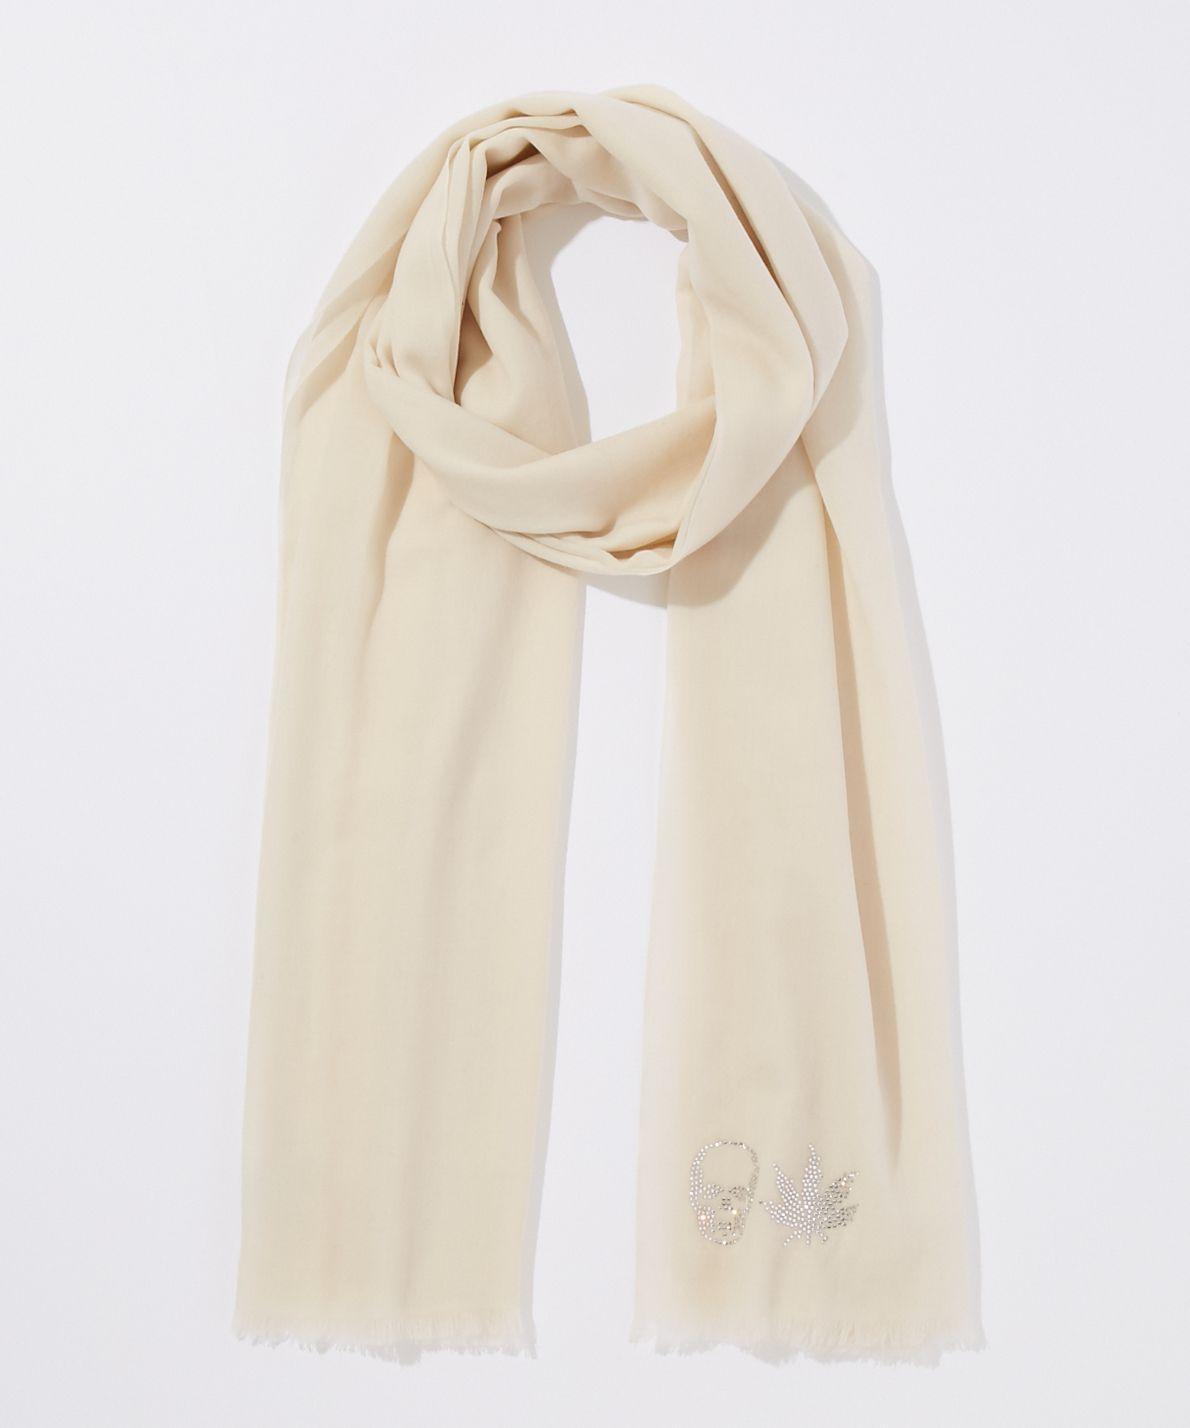 ルシアン ペラフィネ lucien pellat-finet / クリスタル スカル&リーフ スカーフ